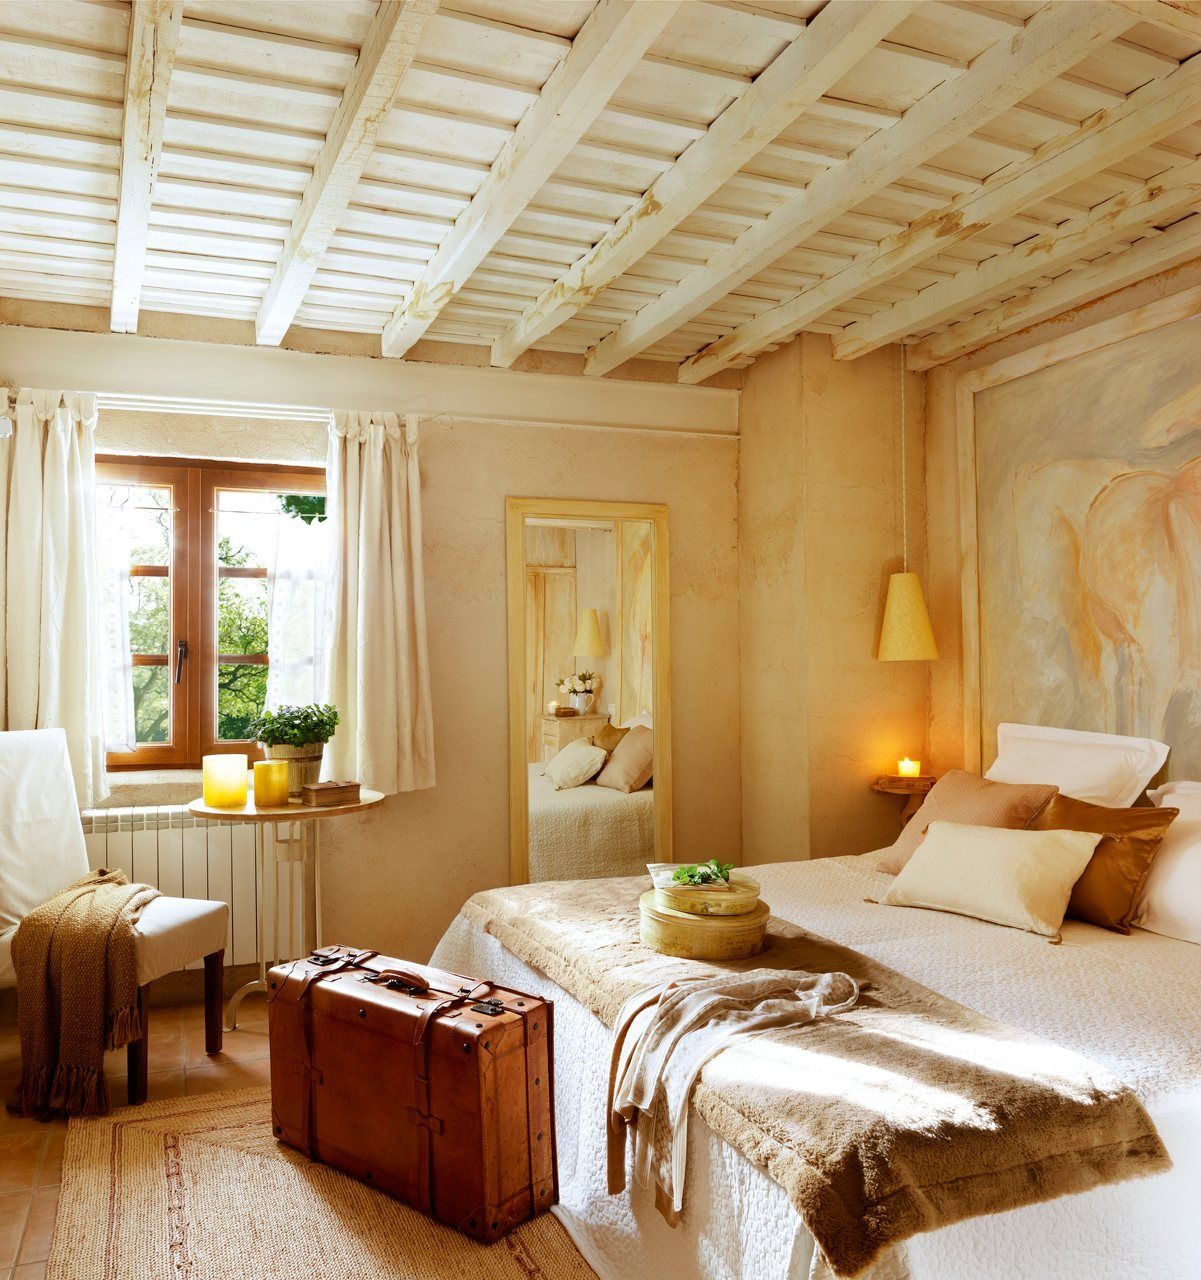 грязи спальня с деревянными потолками фото барановская принадлежит числу